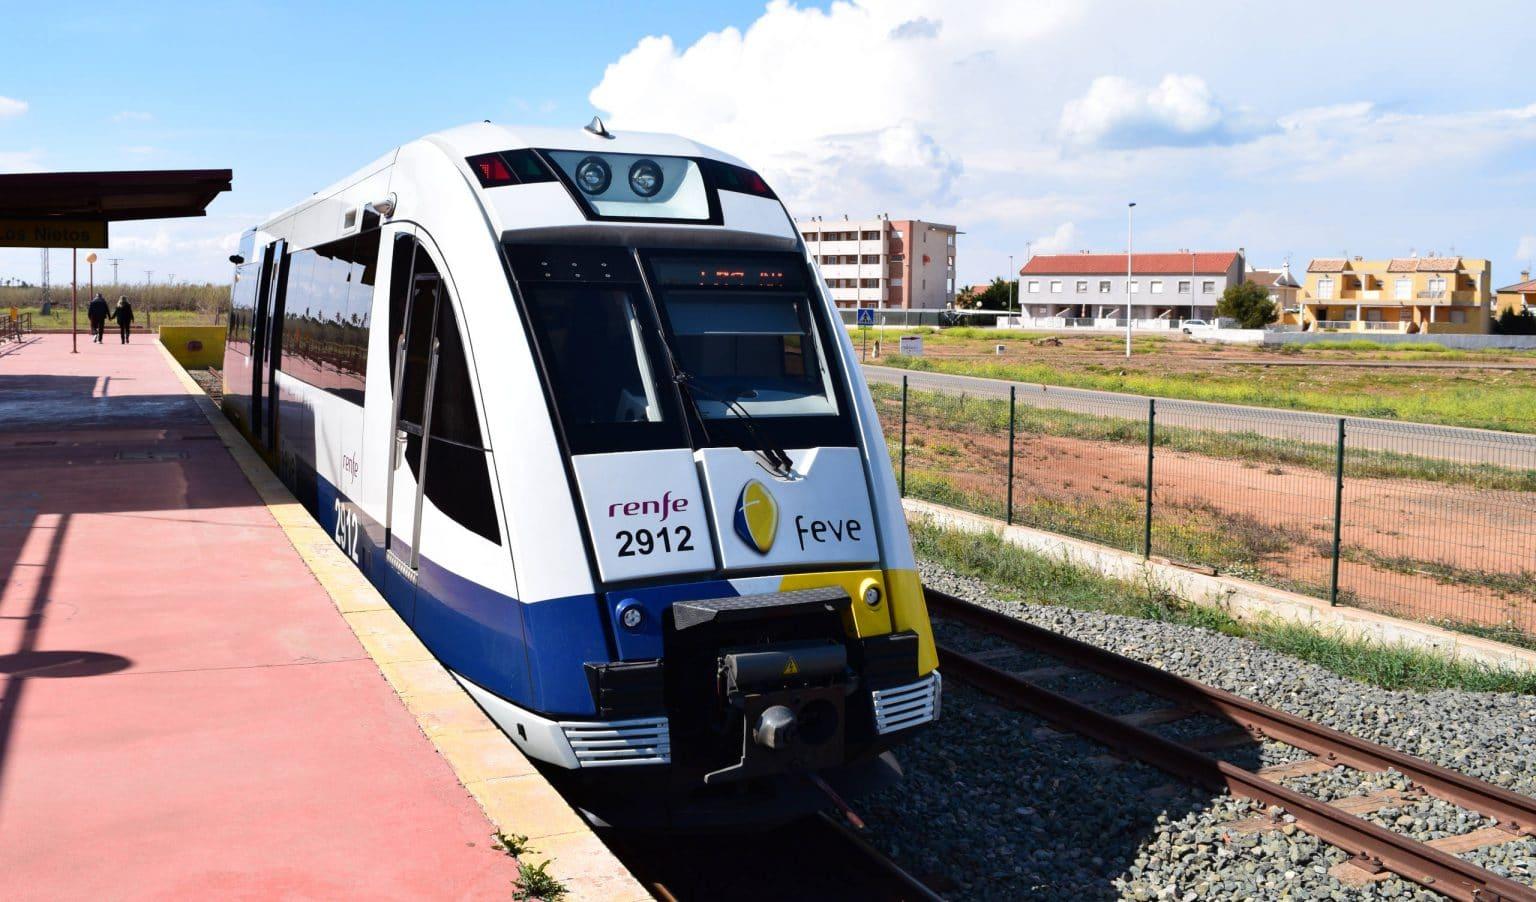 Unidad 2900 de Renfe en la estación de Los Nietos, desde la que partiría la extensión a La Manga. Foto (CC BY SA): Ricardo Ricote